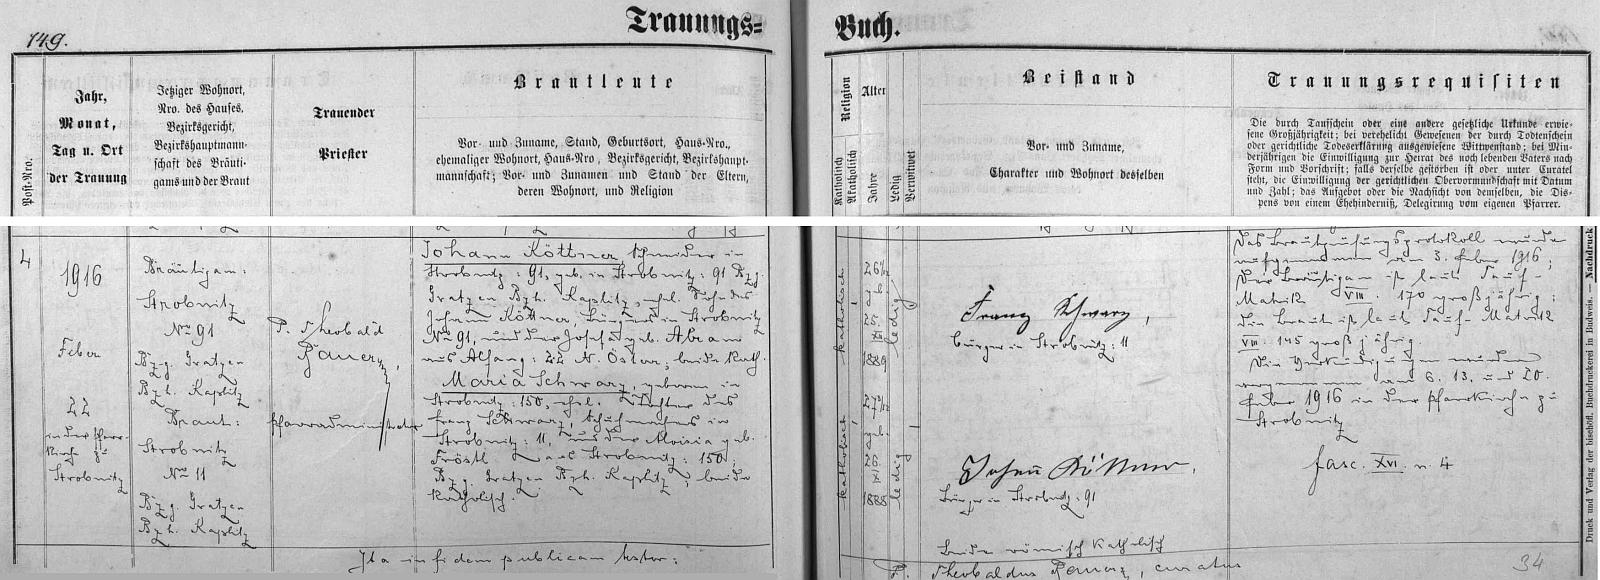 Záznam o jeho svatbě v Horní Stropnici